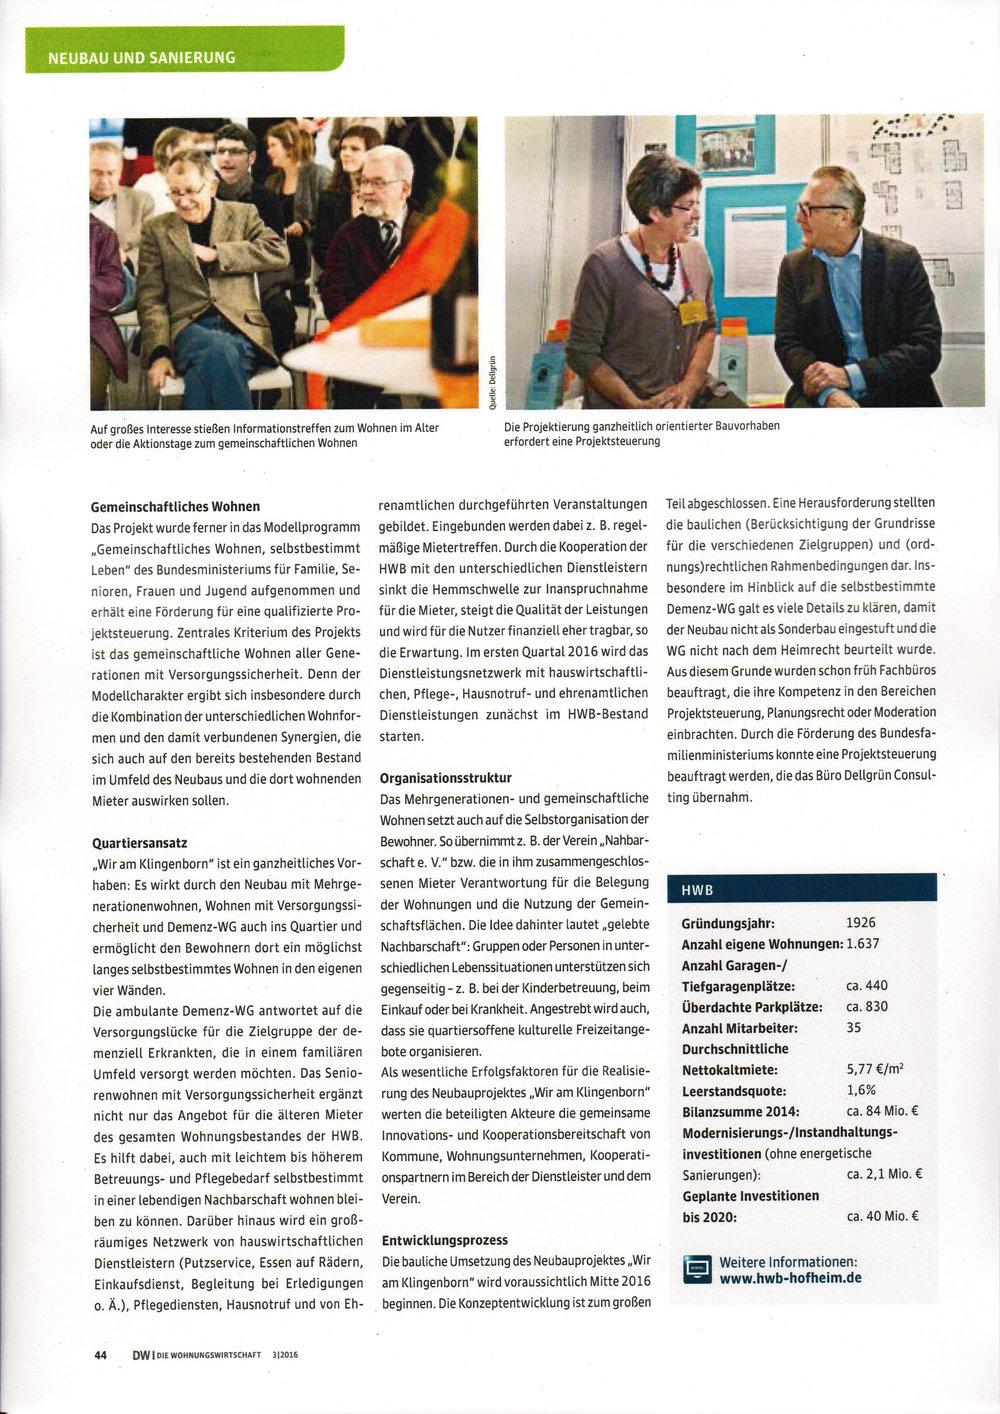 DW_Seite3.jpg